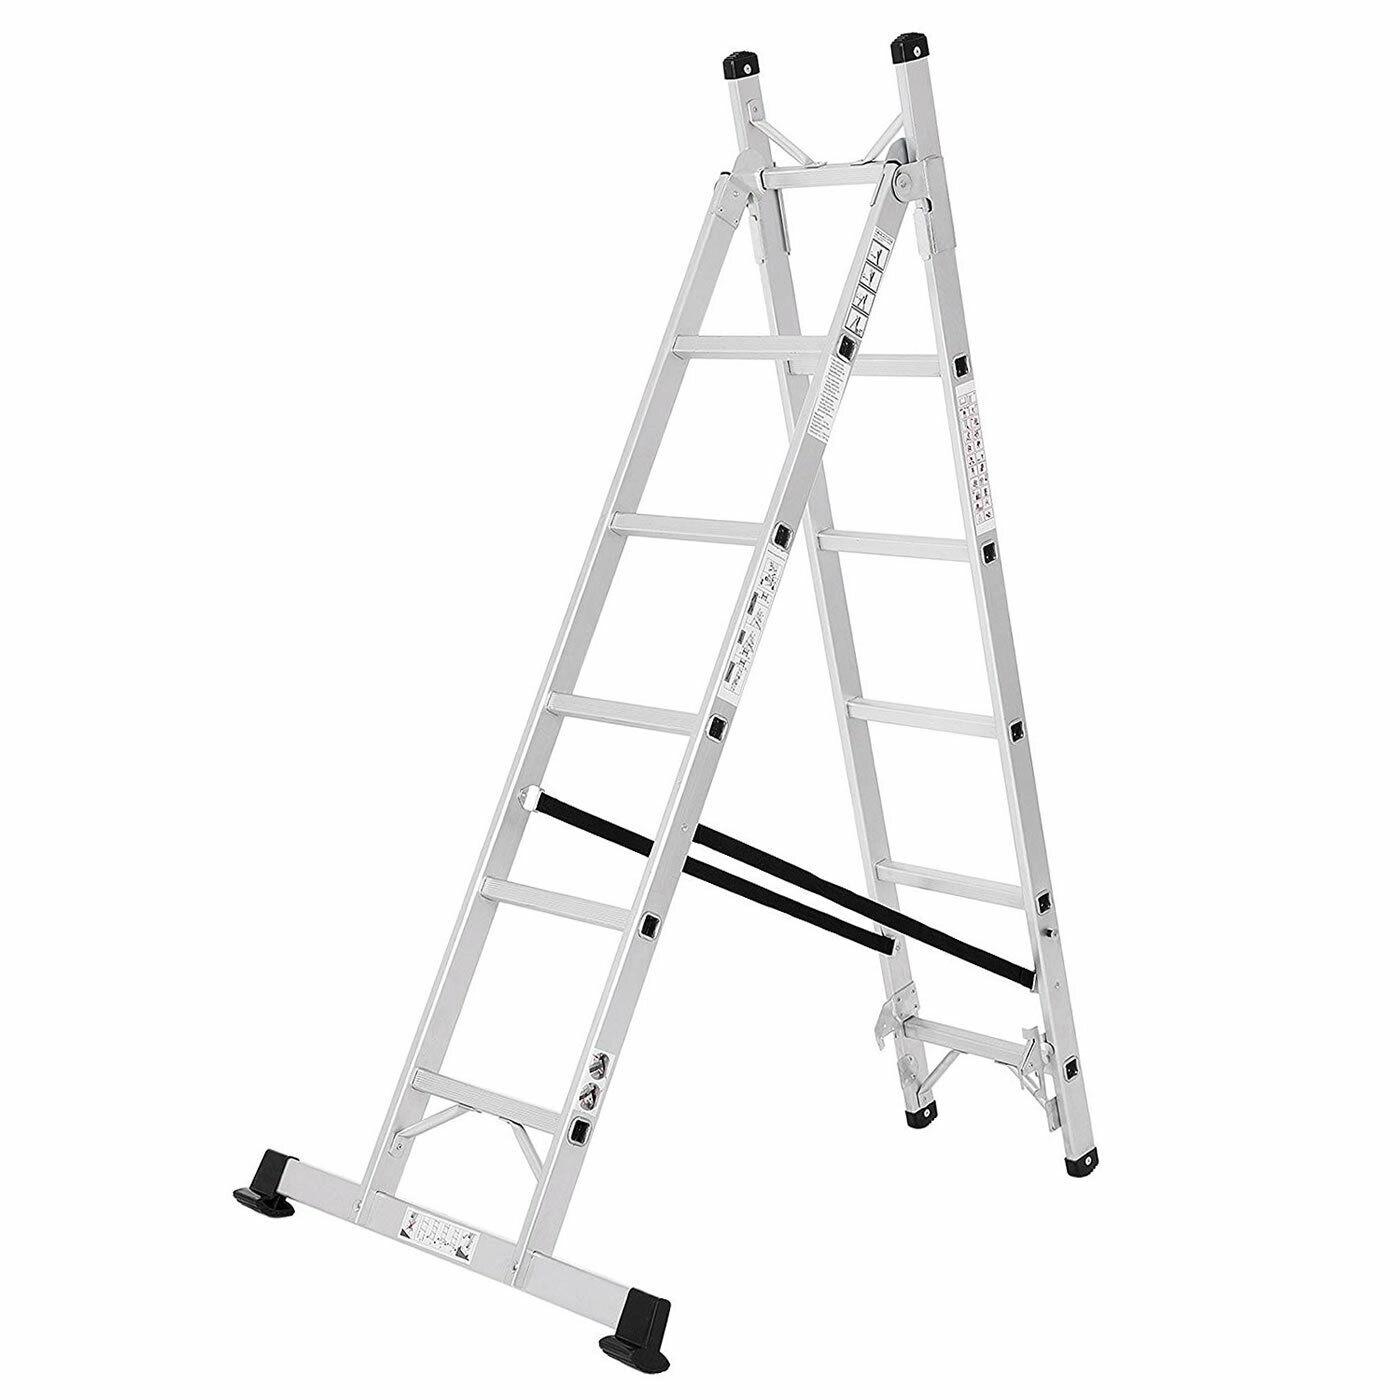 Alu Leiter Treppenleiter Universalleiter 3-WHaushaltsleiter Reichhöhe 3,5m